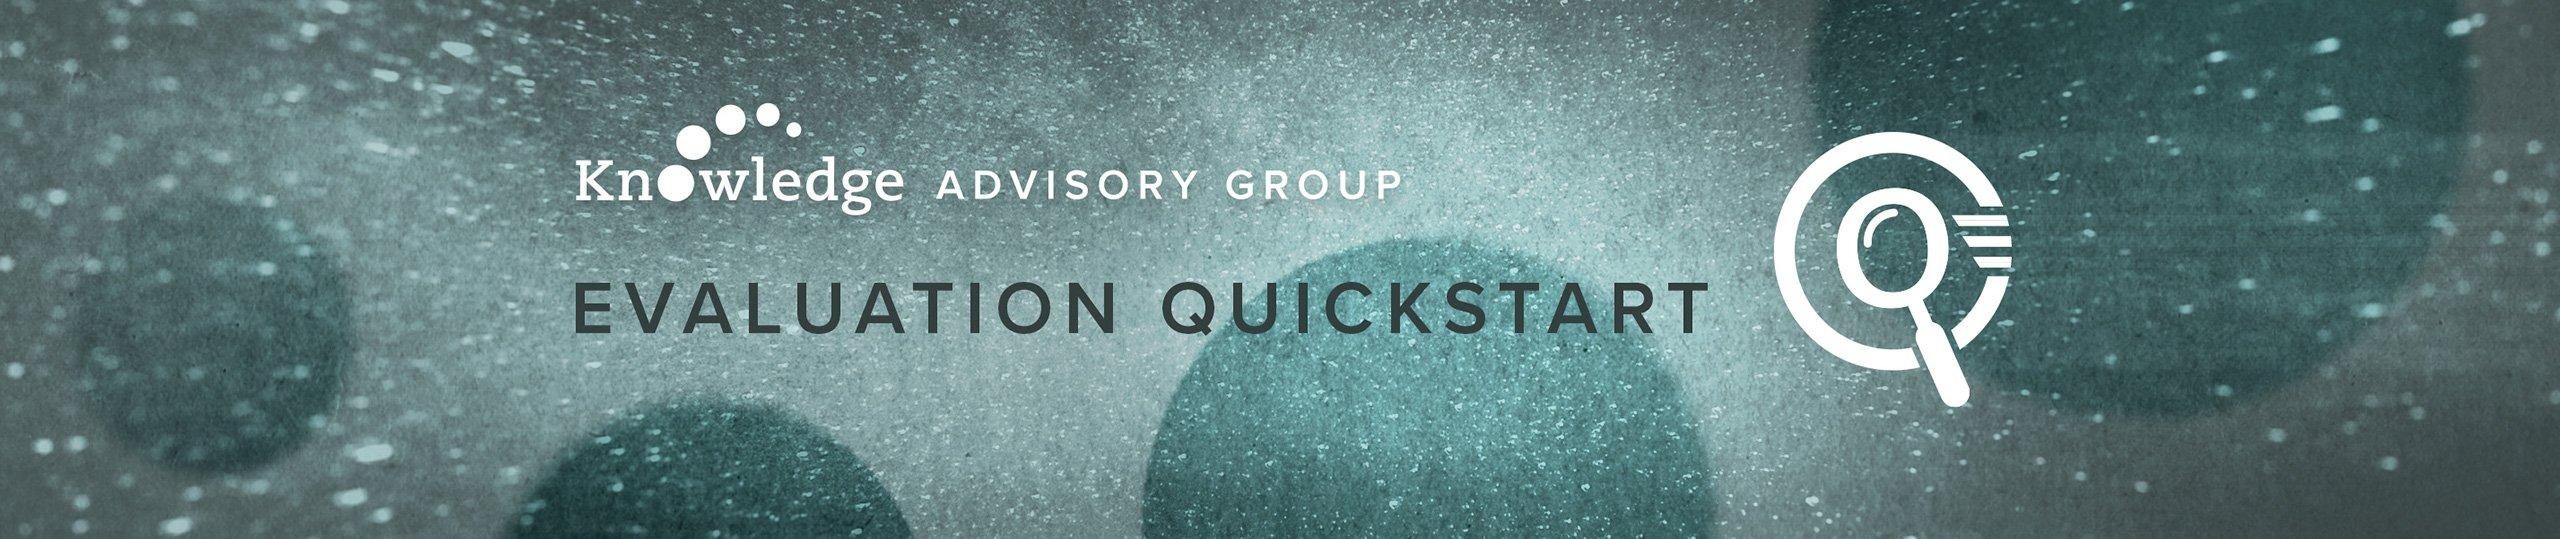 Evaluation Quickstart Graphic